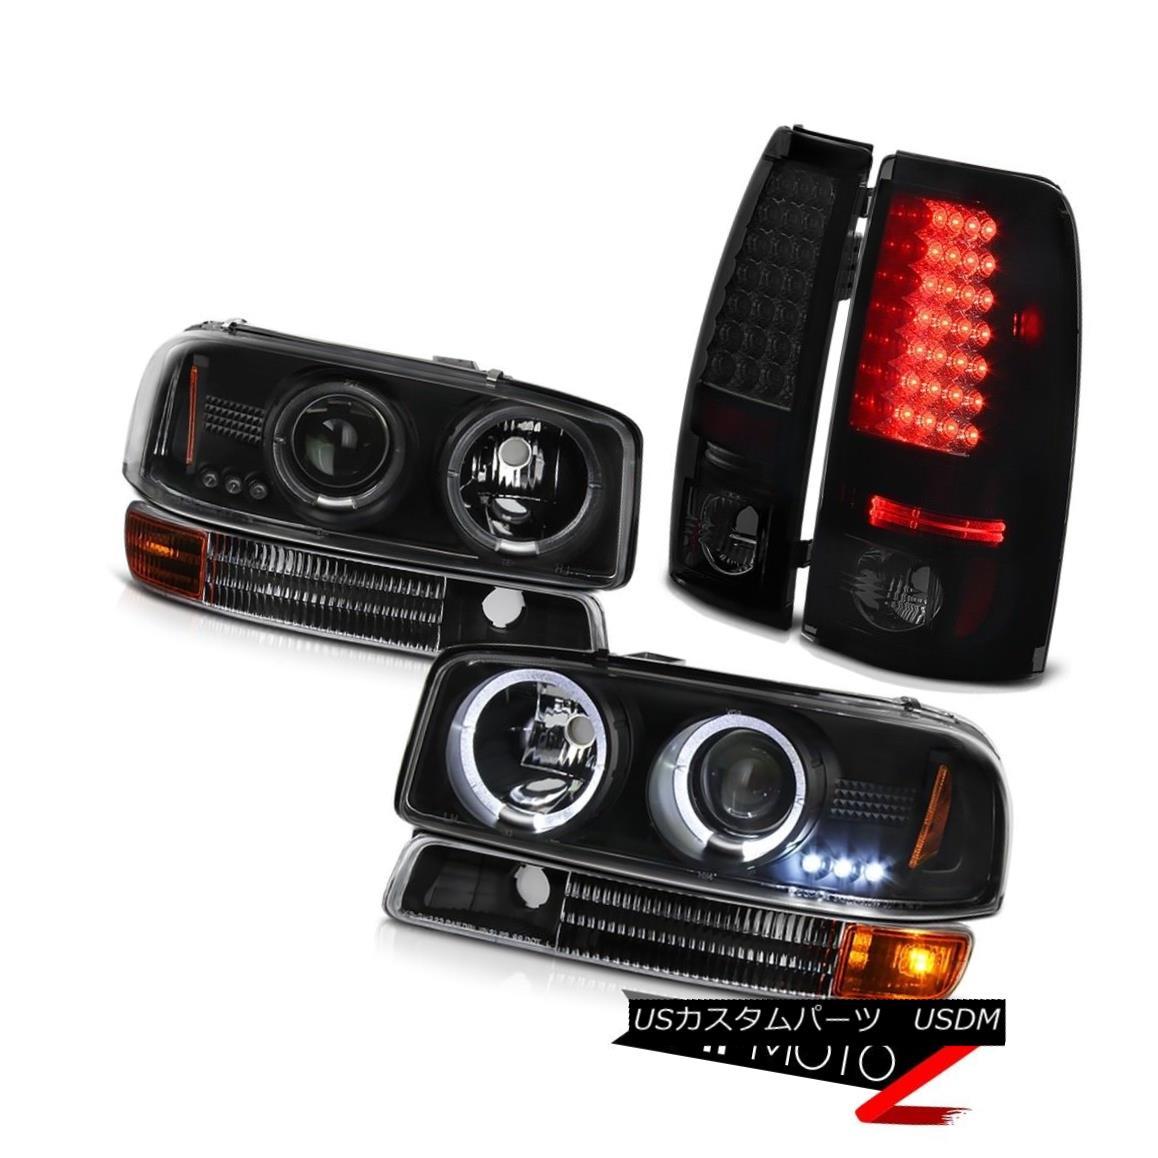 テールライト 04-06 Sierra 3500HD Twin Halo Headlamps Infinity Black Parking Bright Taillamp 04-06シエラ3500HDツインハローヘッドランプインフィニティブラックパーキングブライトタイランプ